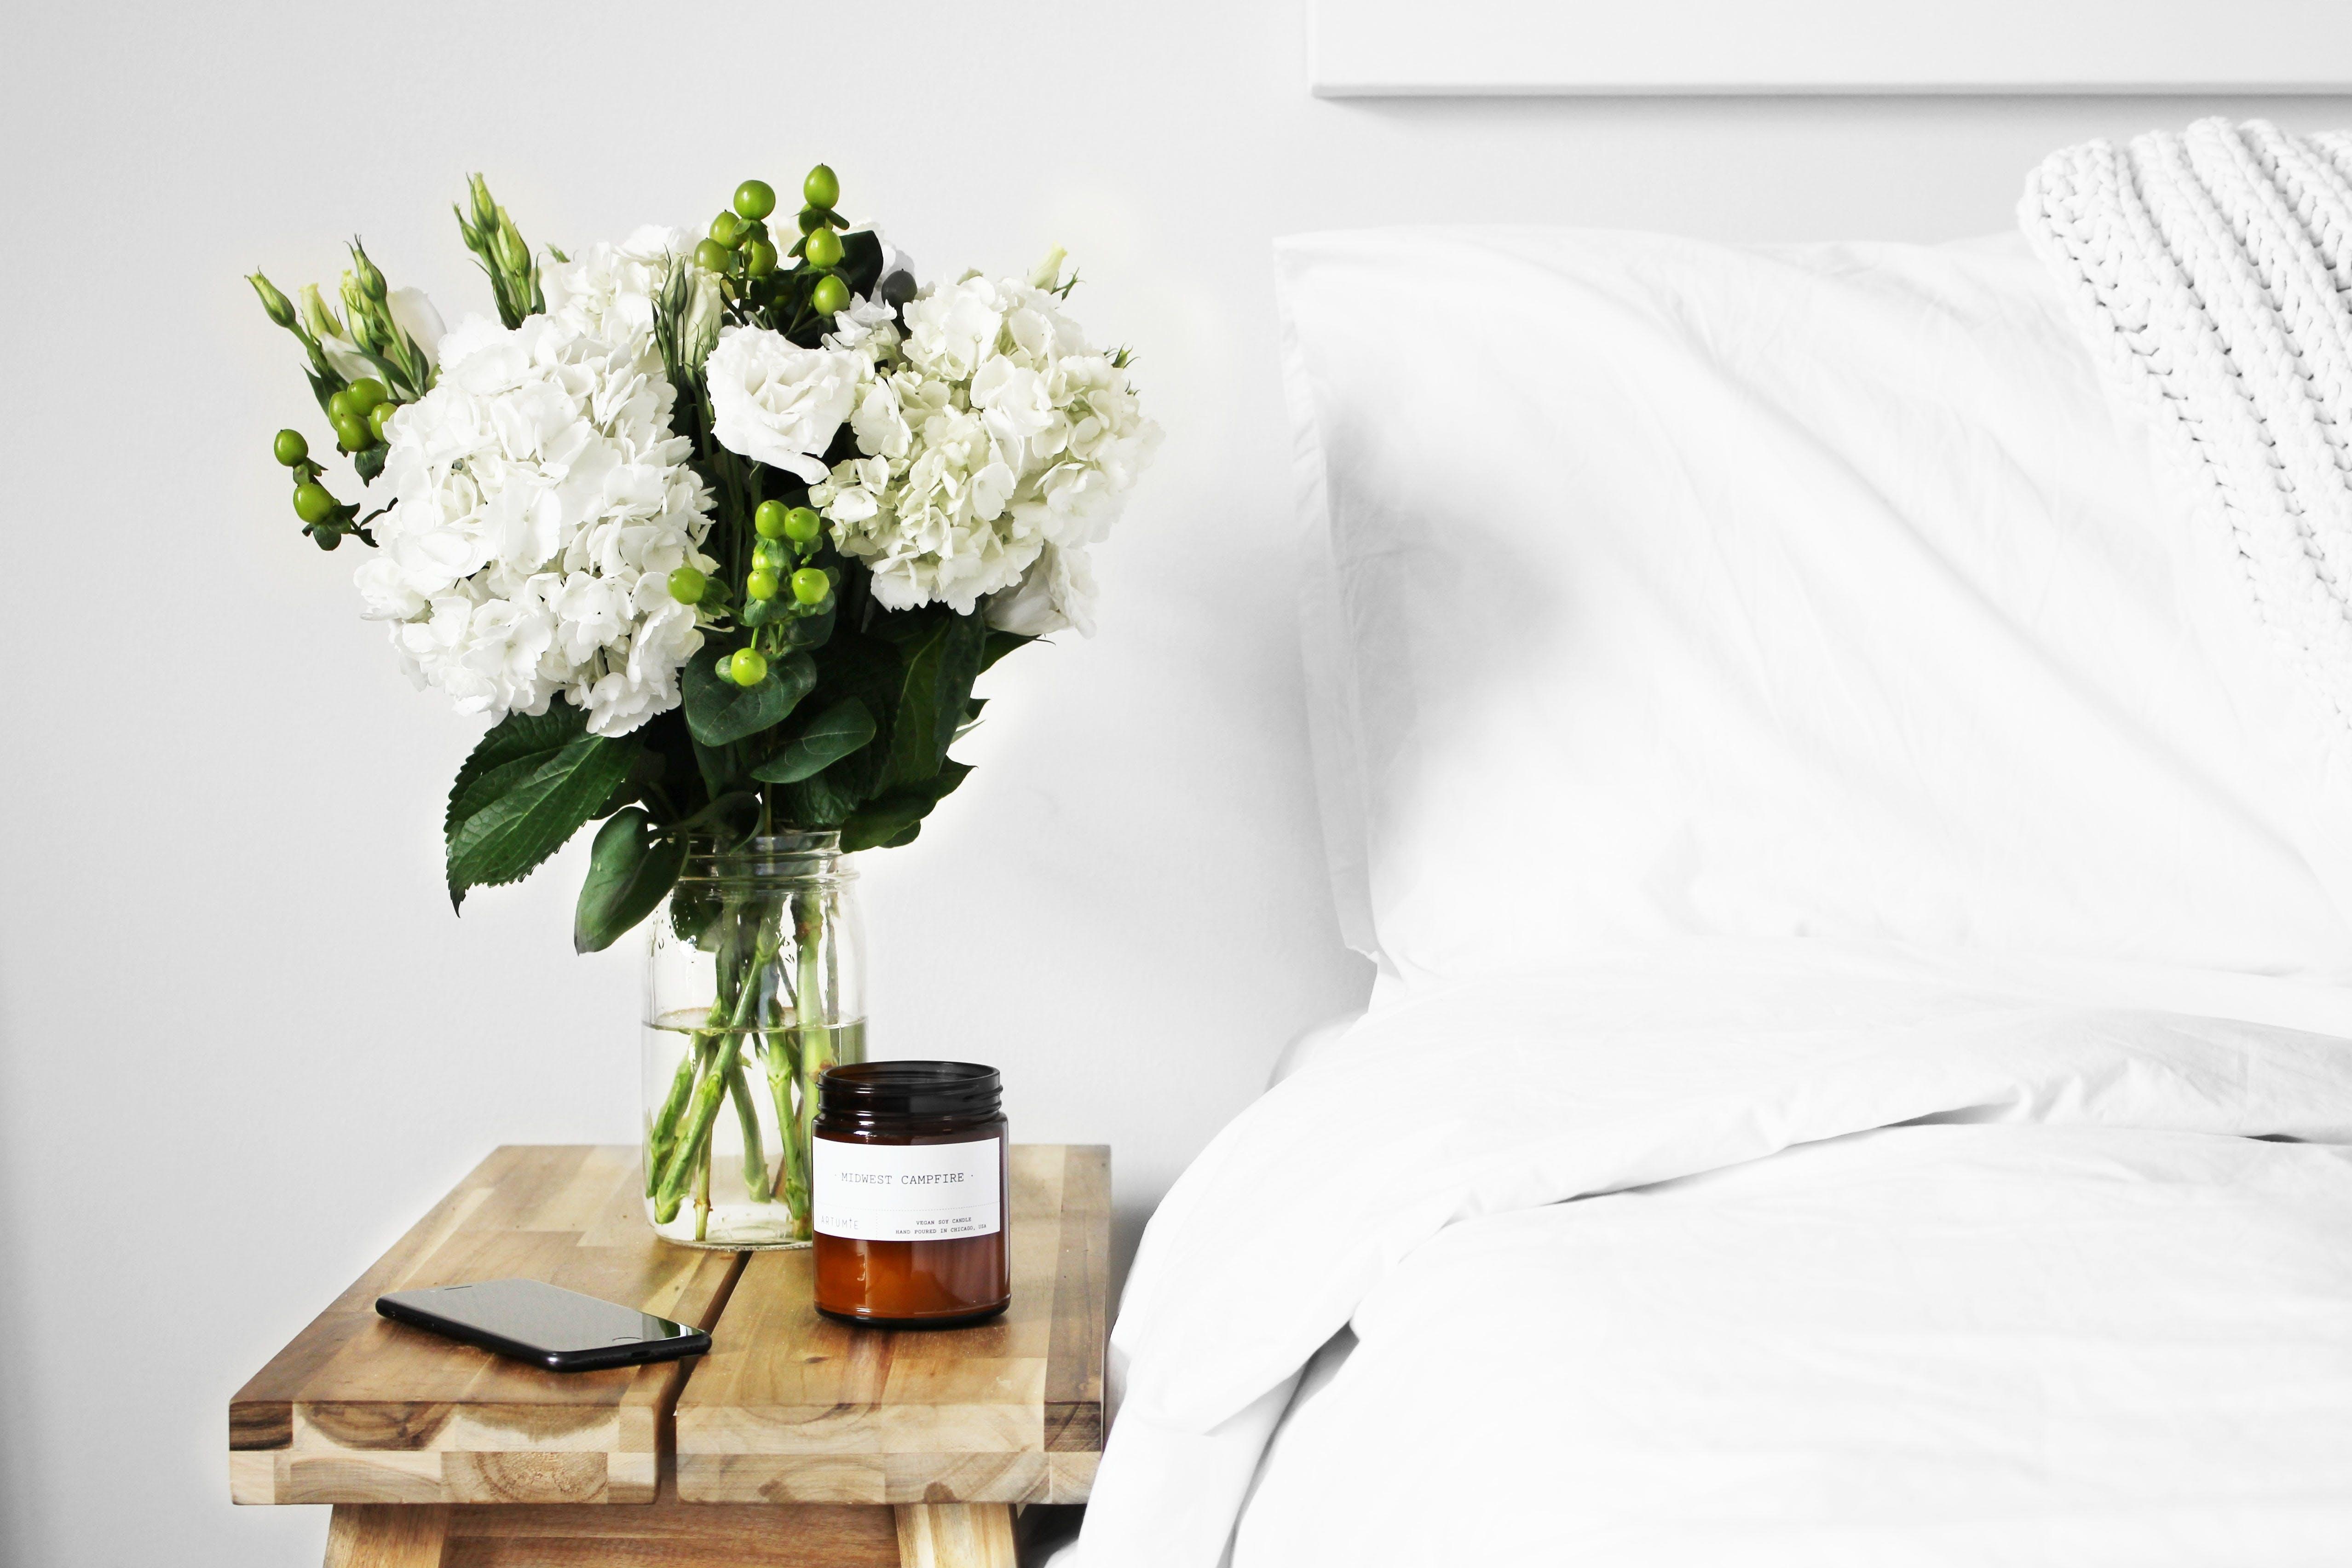 seng hvid sengetøj blomster buket sengebord